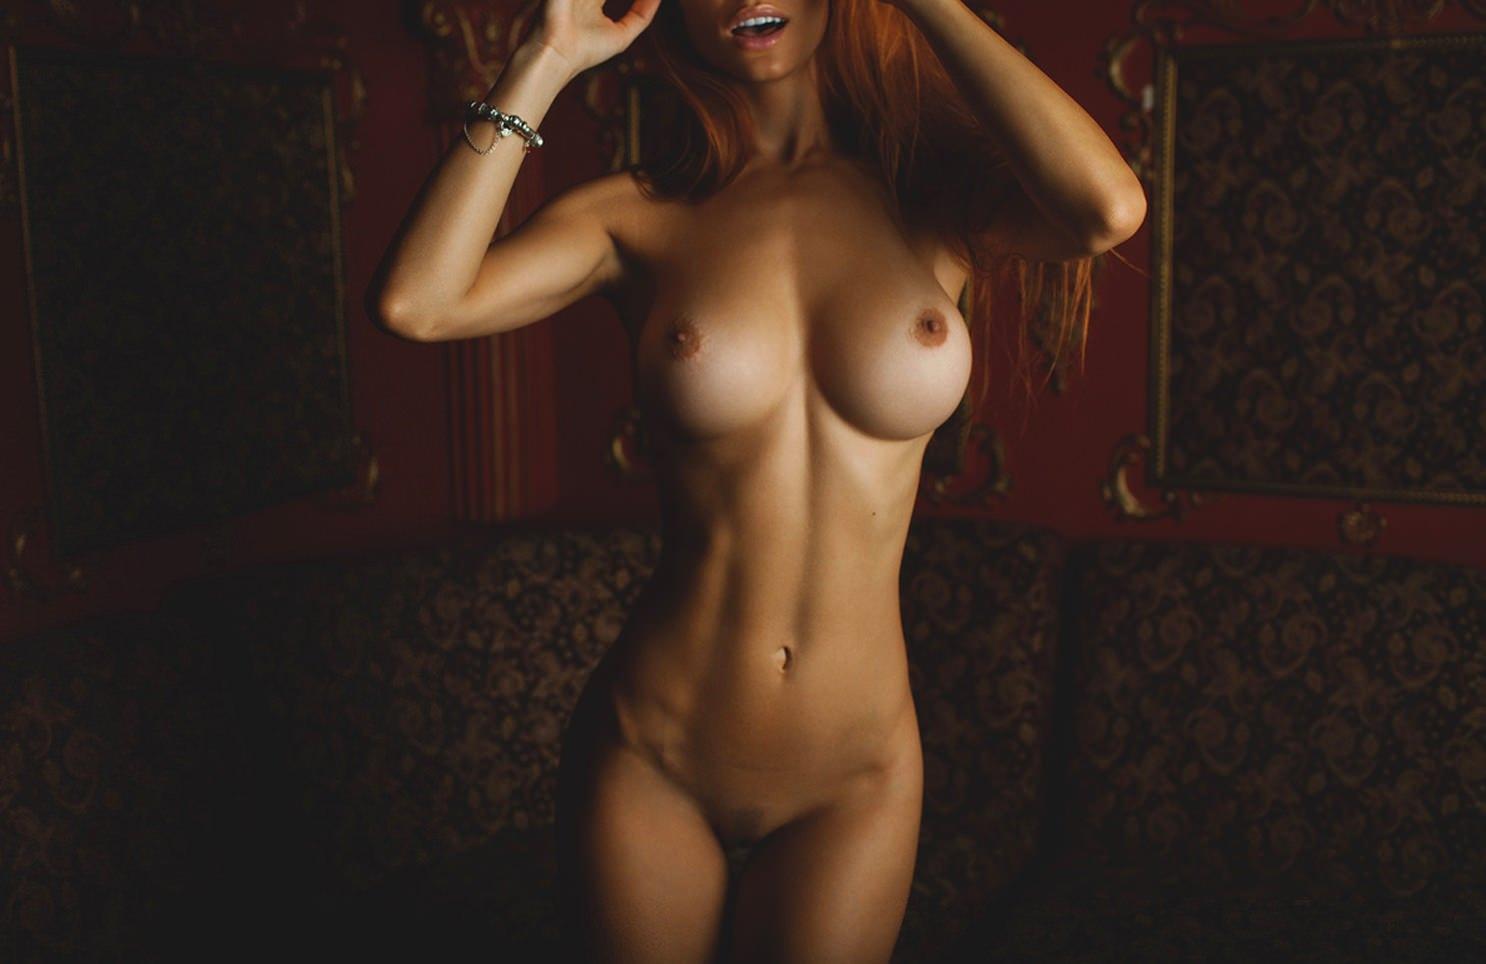 porno-film-idealnoe-zhenskoe-teloslozhenie-foto-erotika-tsvetnih